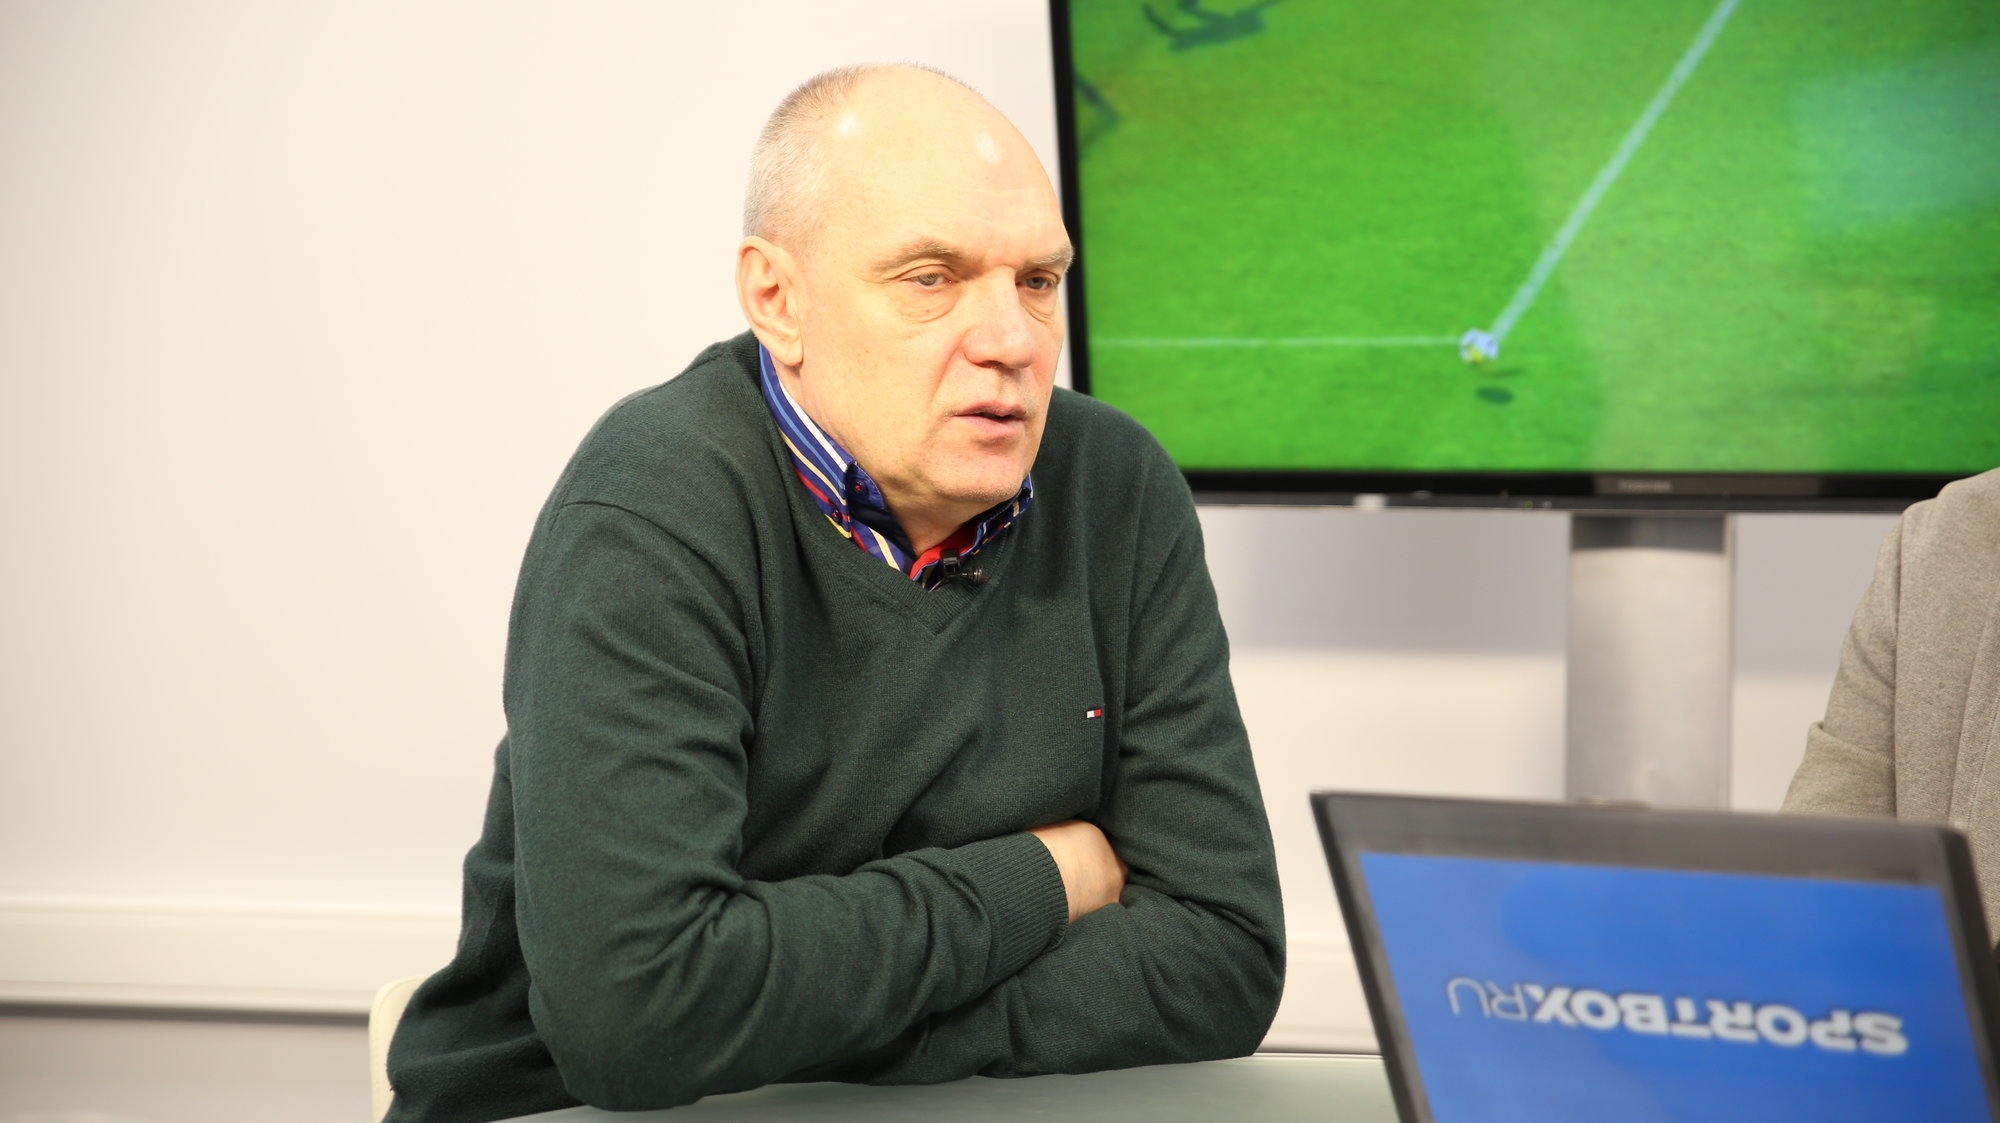 Александр Бубнов: «Зениту» рано расслабляться, вся борьба еще впереди»